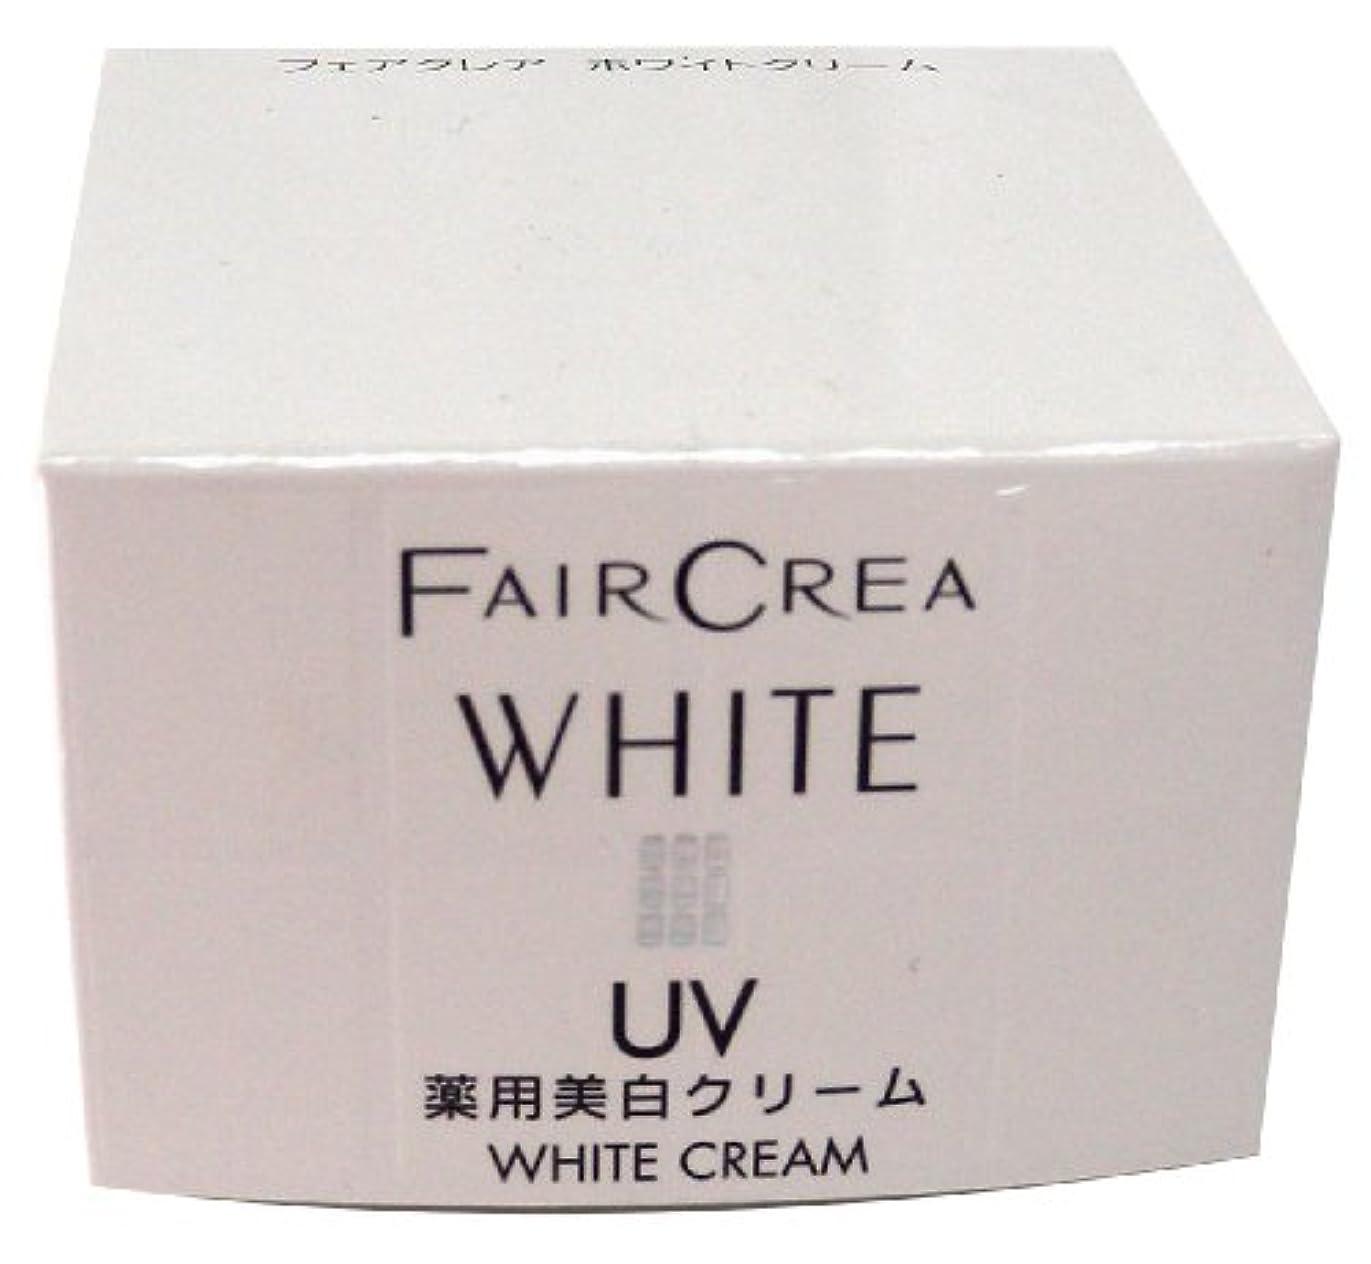 スペア偽物囲むフェアクレア ホワイトクリーム 30g <27130>